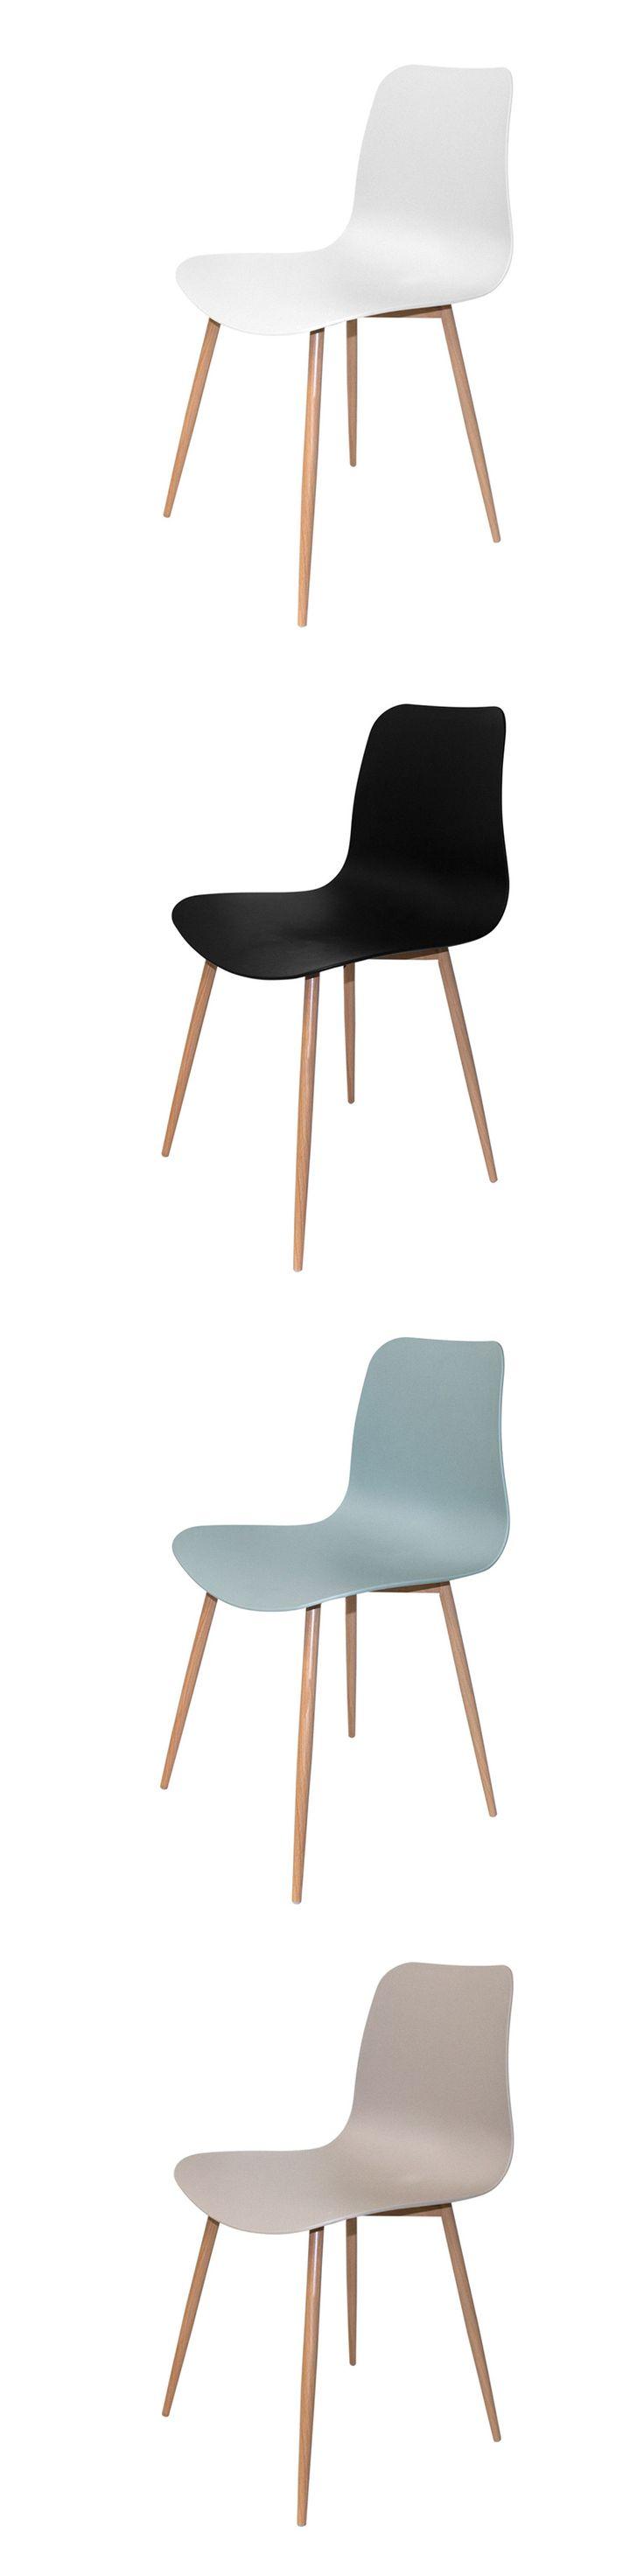 Silla Lebah disponible en 4 colores: blanco, negro, aguamarina y arena | 35,60 €